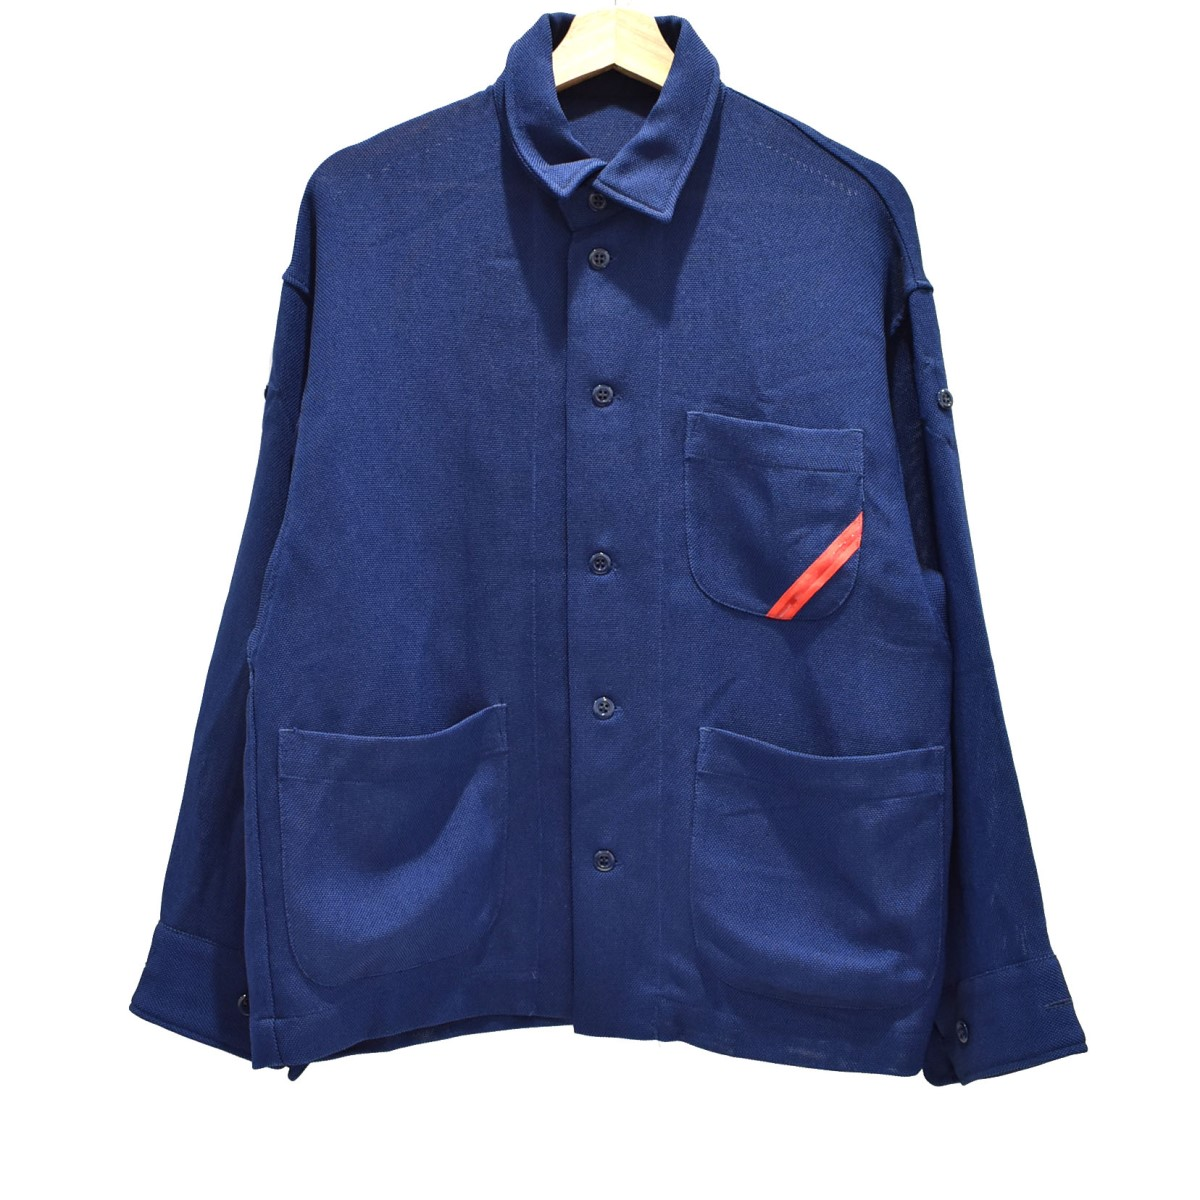 【中古】phingerin 19SS COVER SHIRT JKT シャツジャケット ネイビー サイズ:S 【300620】(フィンガリン)